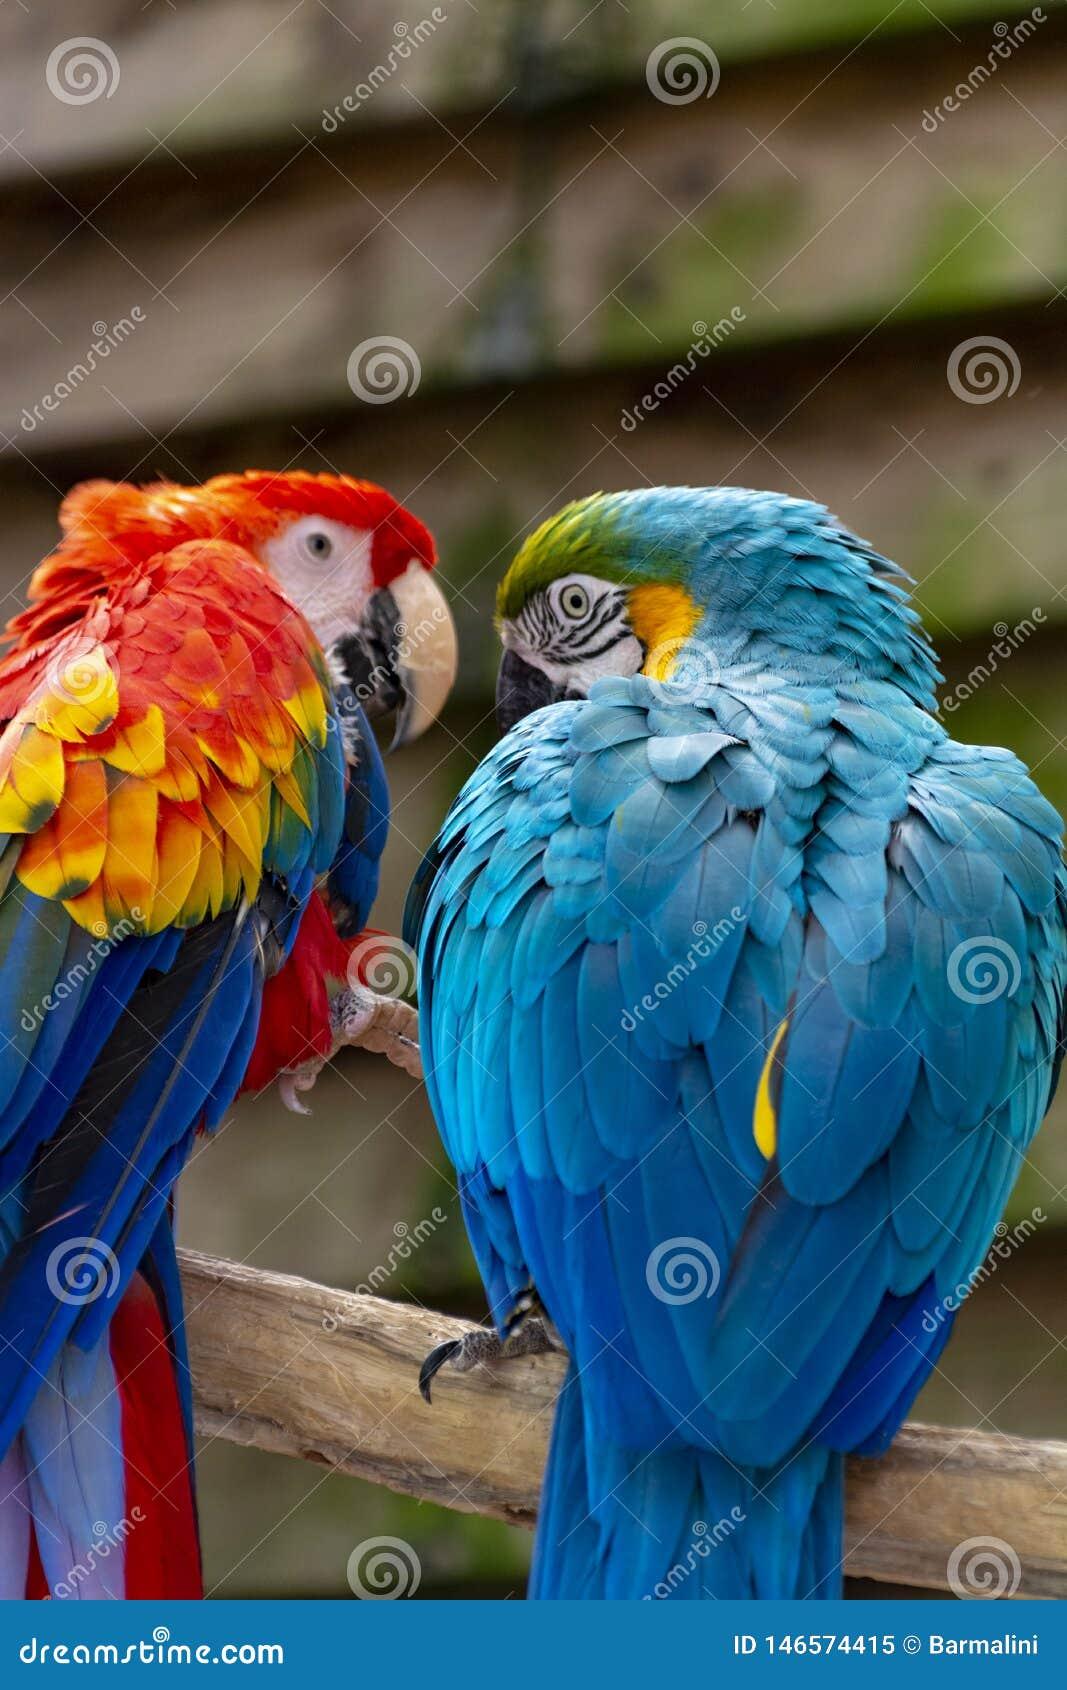 Ερυθροί και μπλε-και-κίτρινοι παπαγάλοι Macaw, με μακριά ουρά ζωηρόχρωμα εξωτικά πουλιά